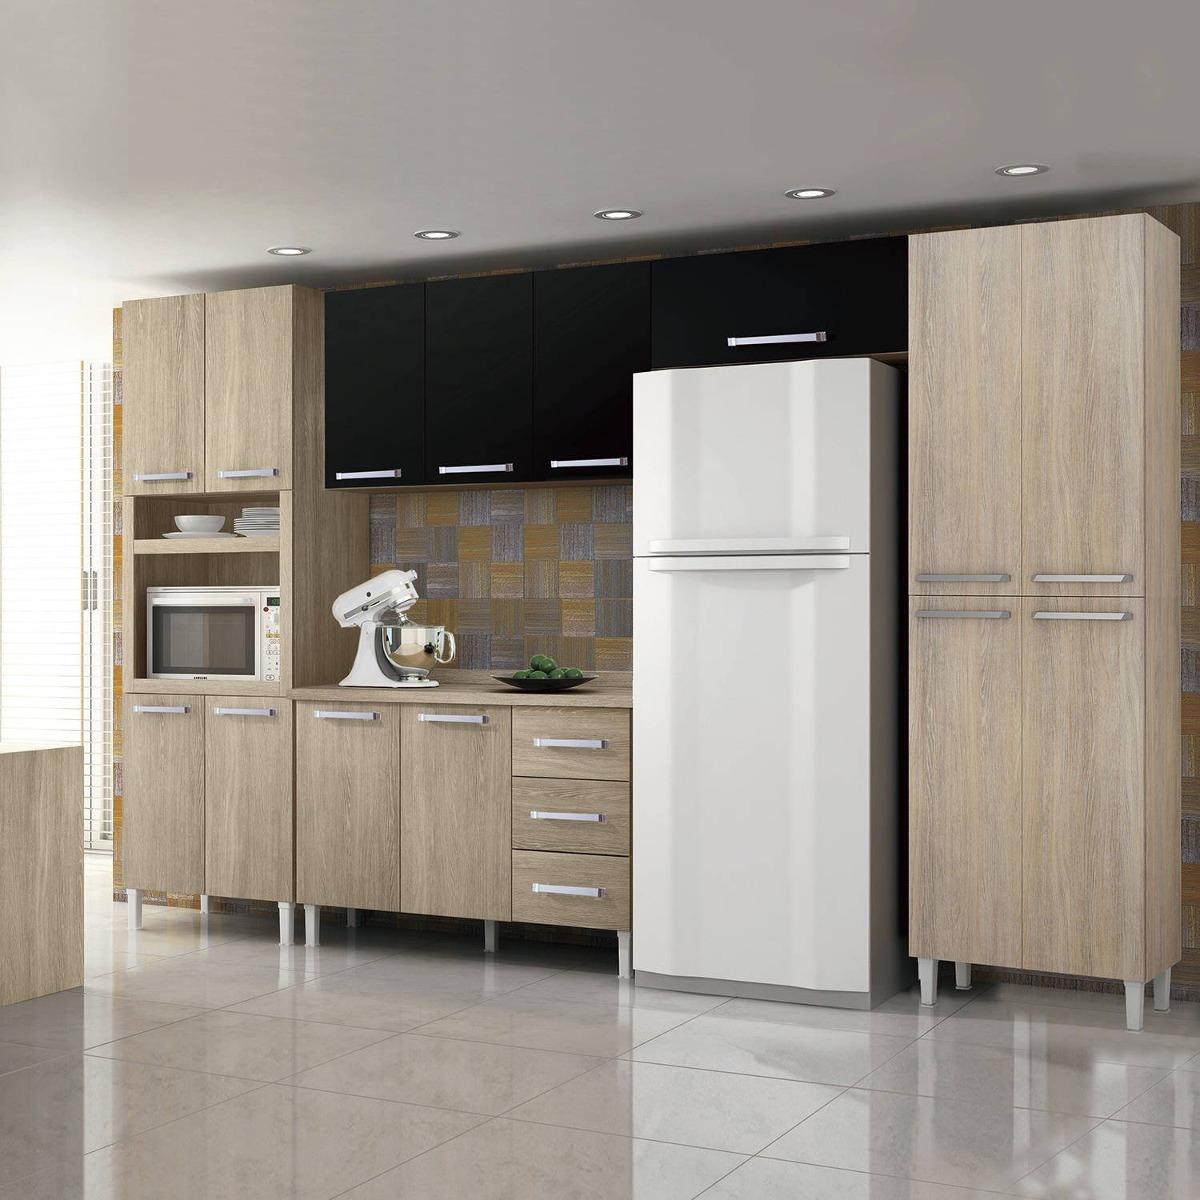 Cozinha Completa Balc O Com Tampo 5 Pe As Ii Master Fe R 1 599 90